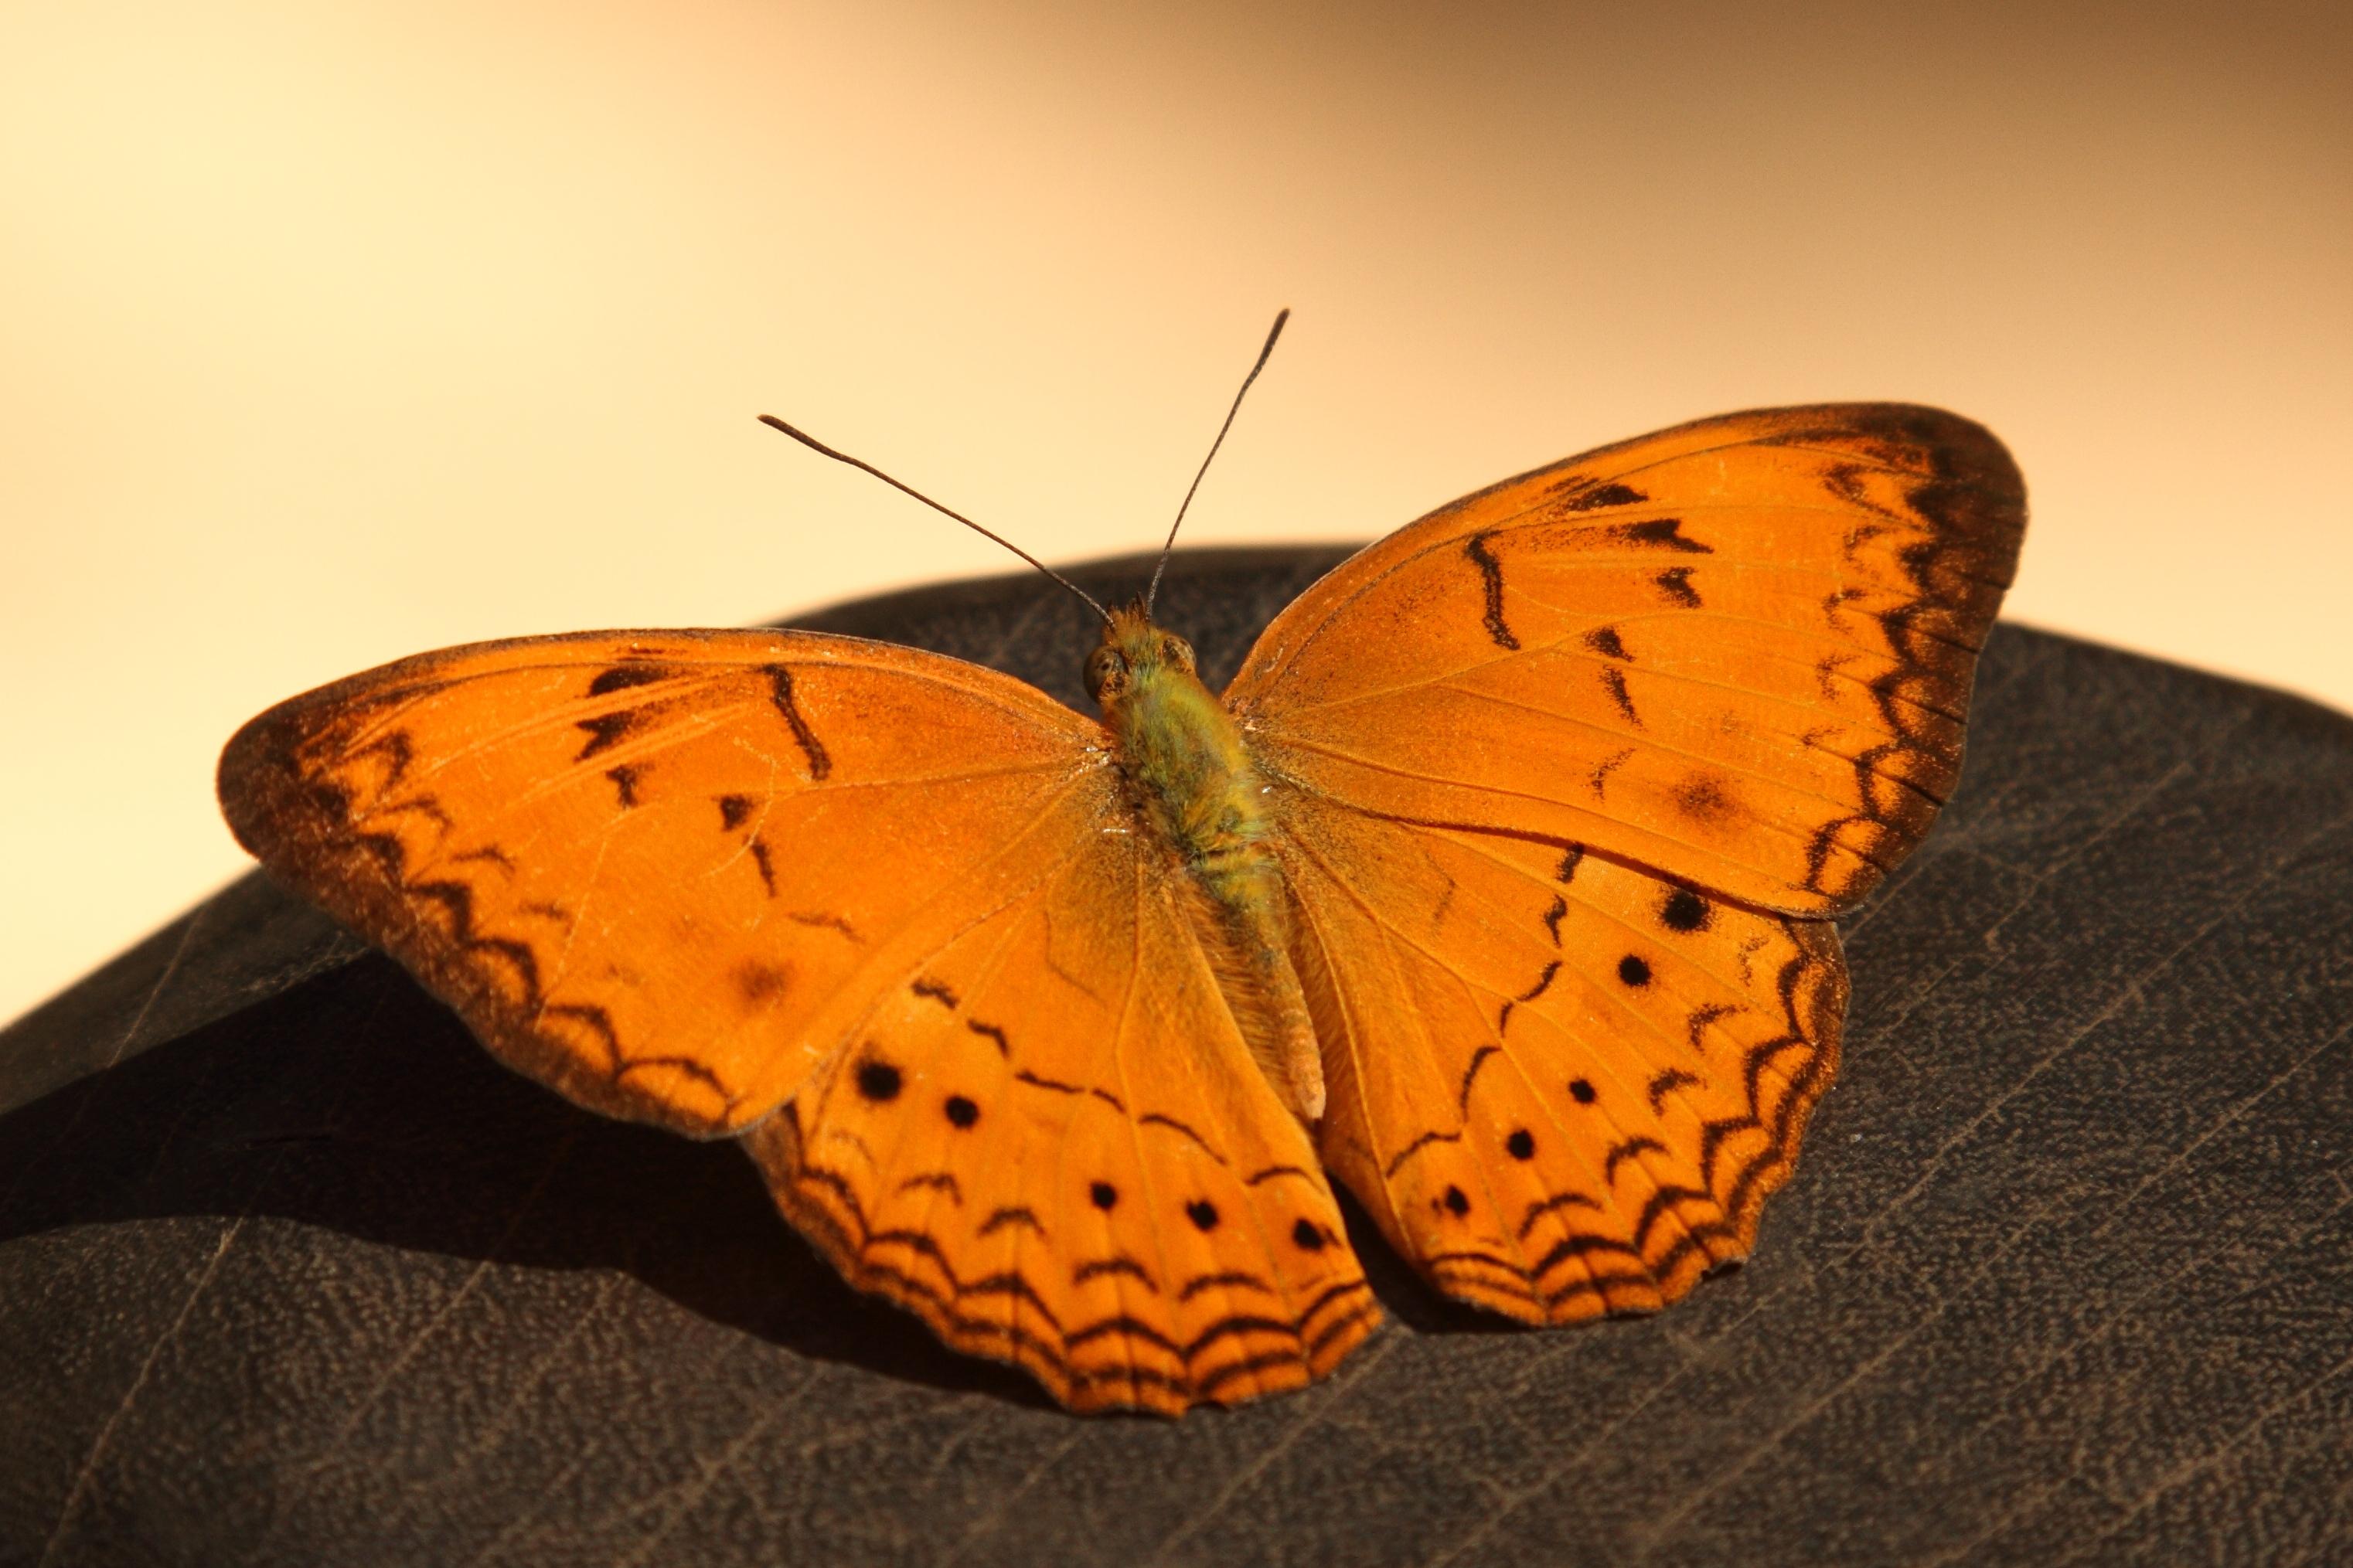 File:Orange Butterfly (4201956193).jpg